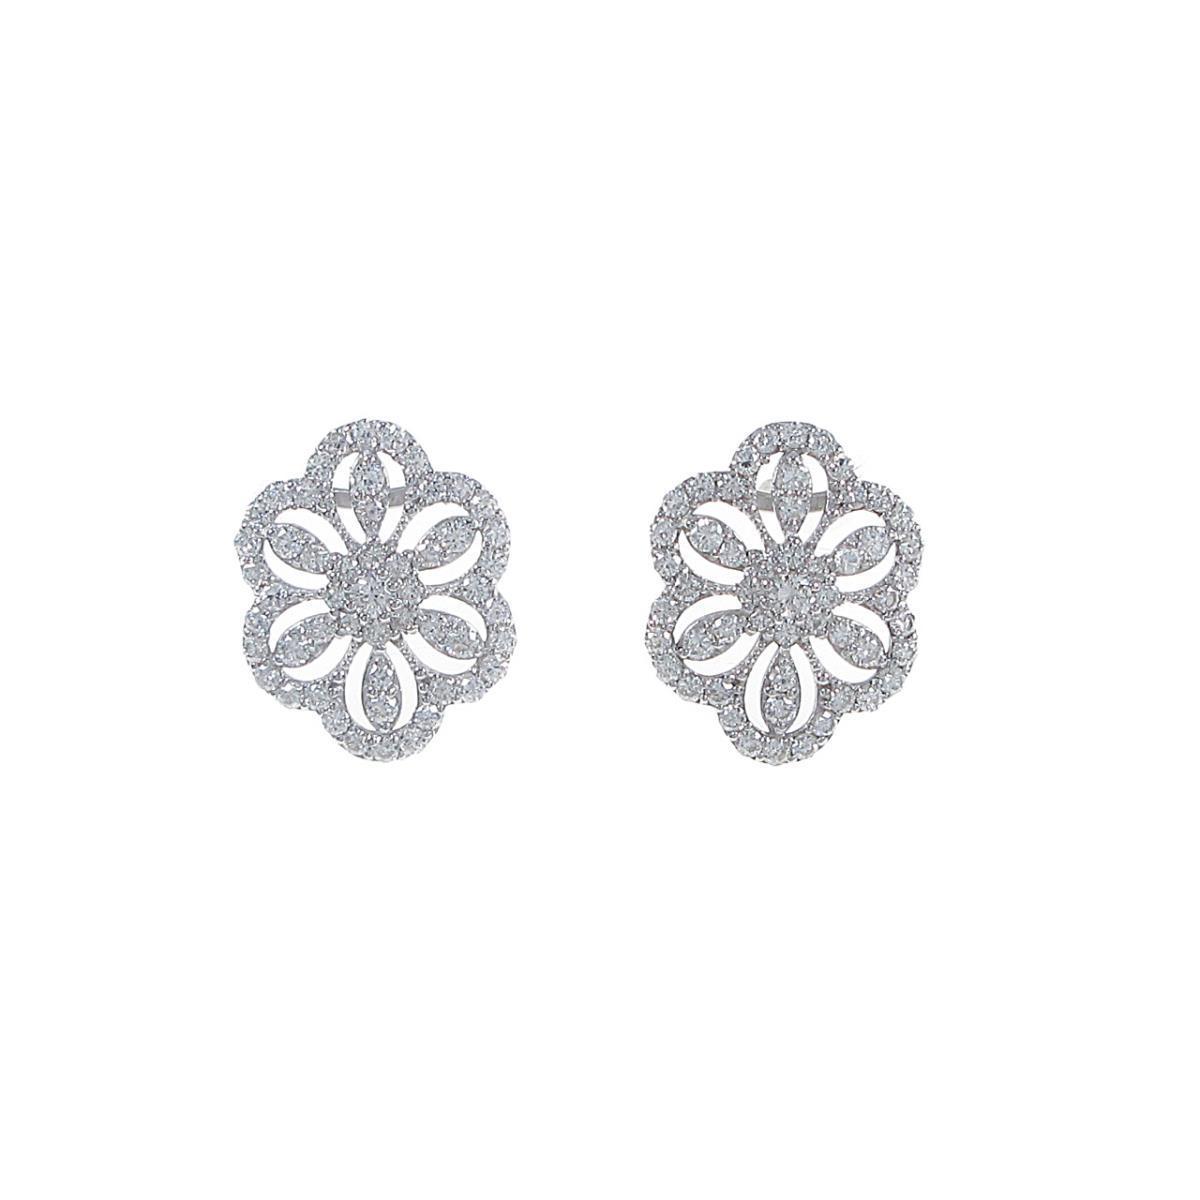 【リメイク】K18WG ダイヤモンドピアス【中古】